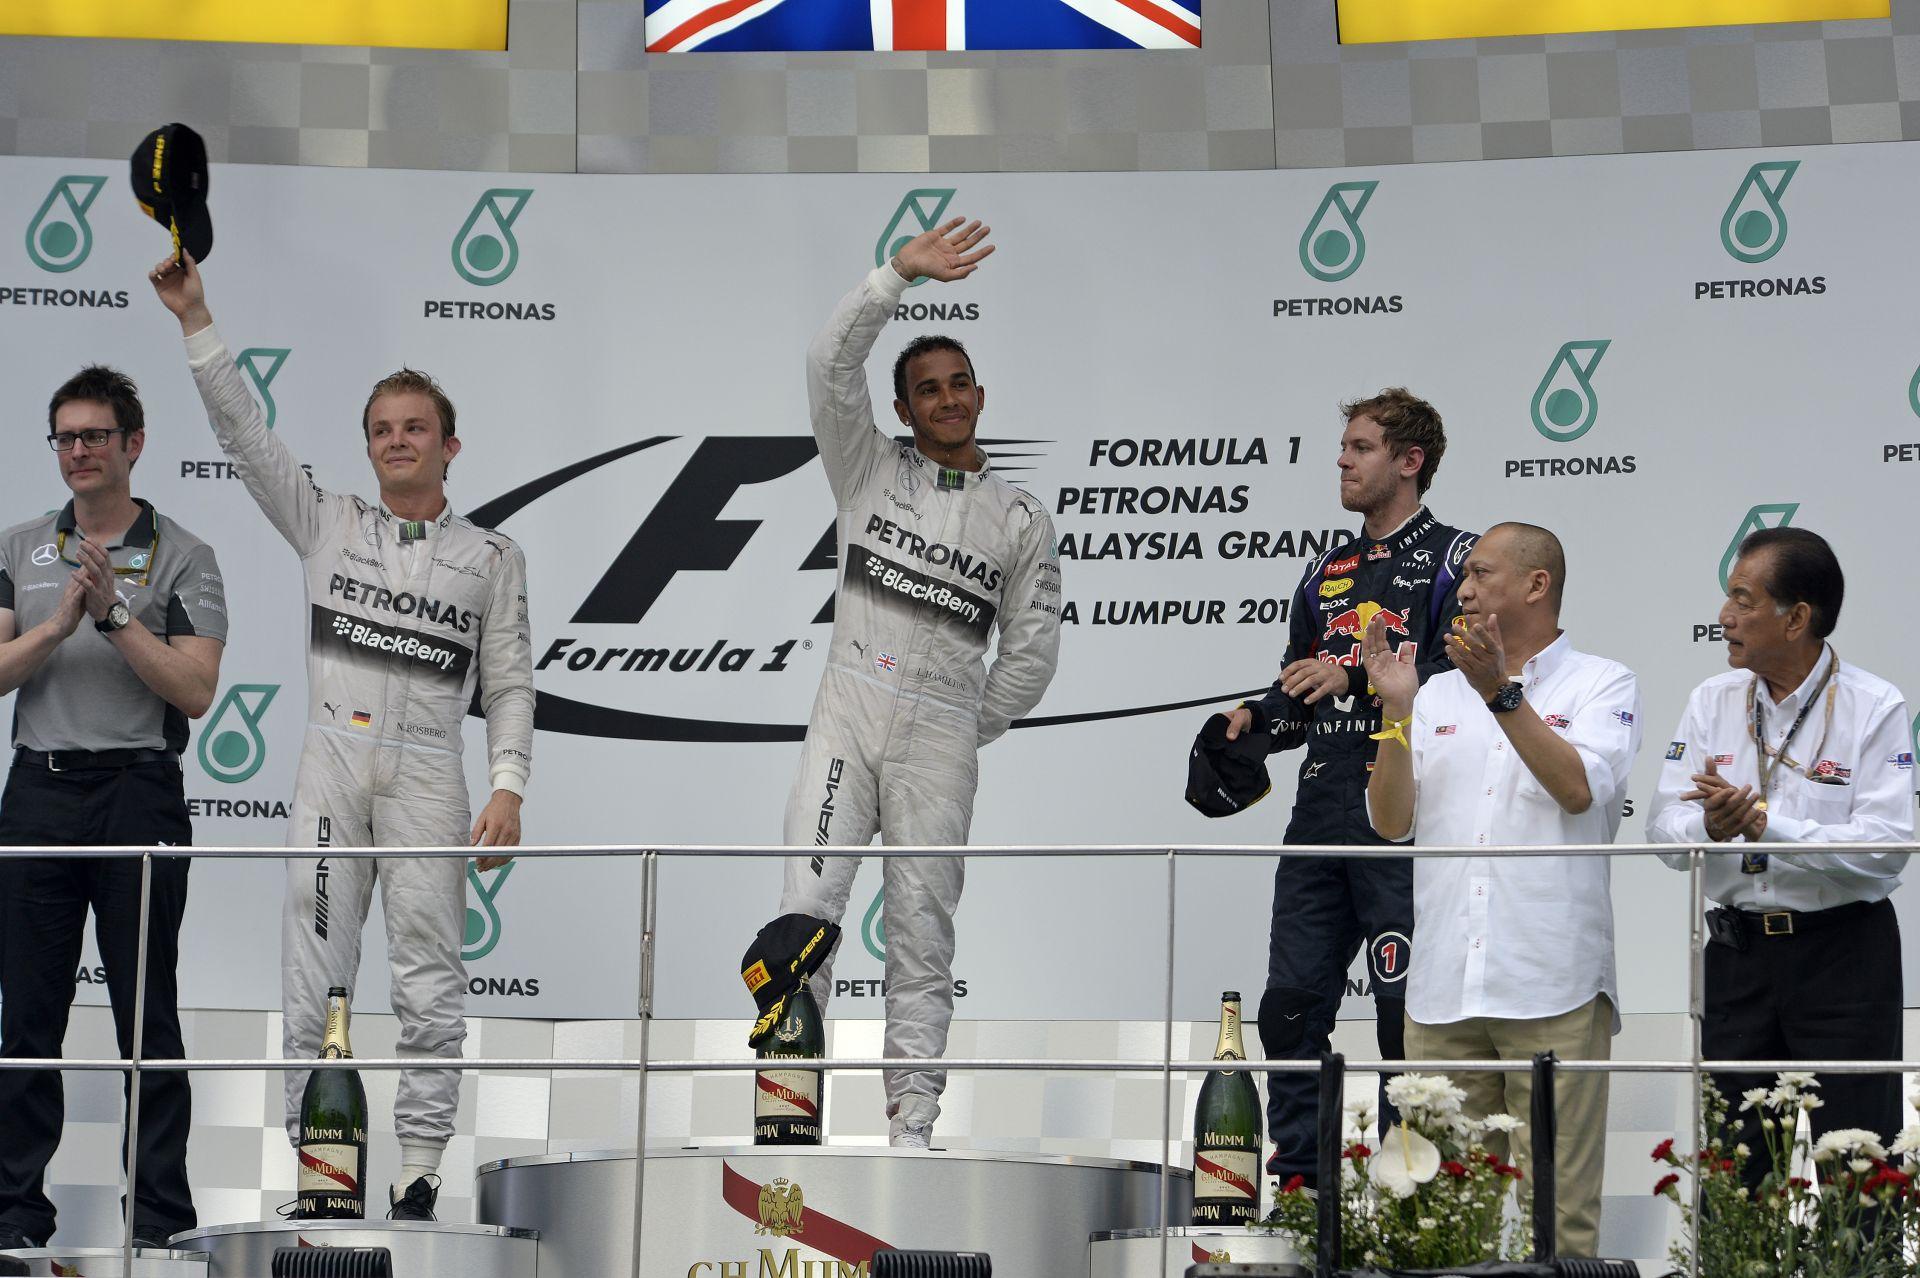 Hamilton könnyedén nyerte meg az unalmas Maláj Nagydíjat Rosberg és Vettel előtt! Ricciardo 10 helyes rajtbüntetést kaphat Bahre